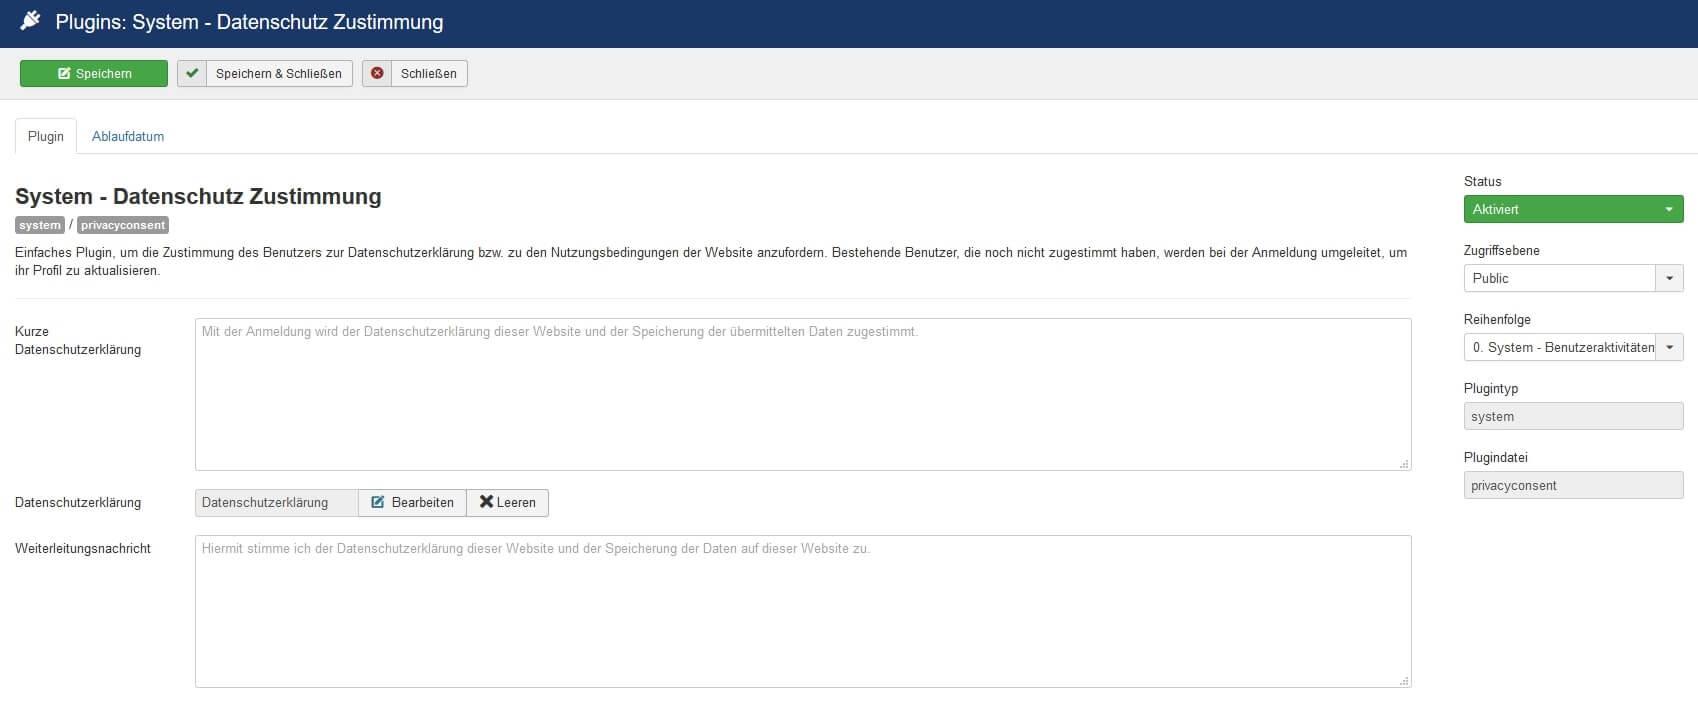 Joomla DSGVO - Ratgeber und Anleitung. Plugin für Datenschutz Zustimmung.